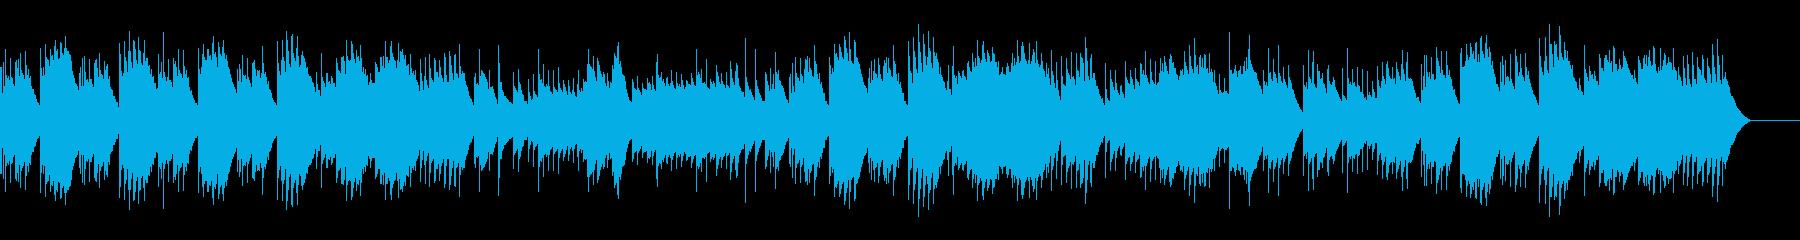 6つのウィーン・ソナチネ (オルゴール)の再生済みの波形